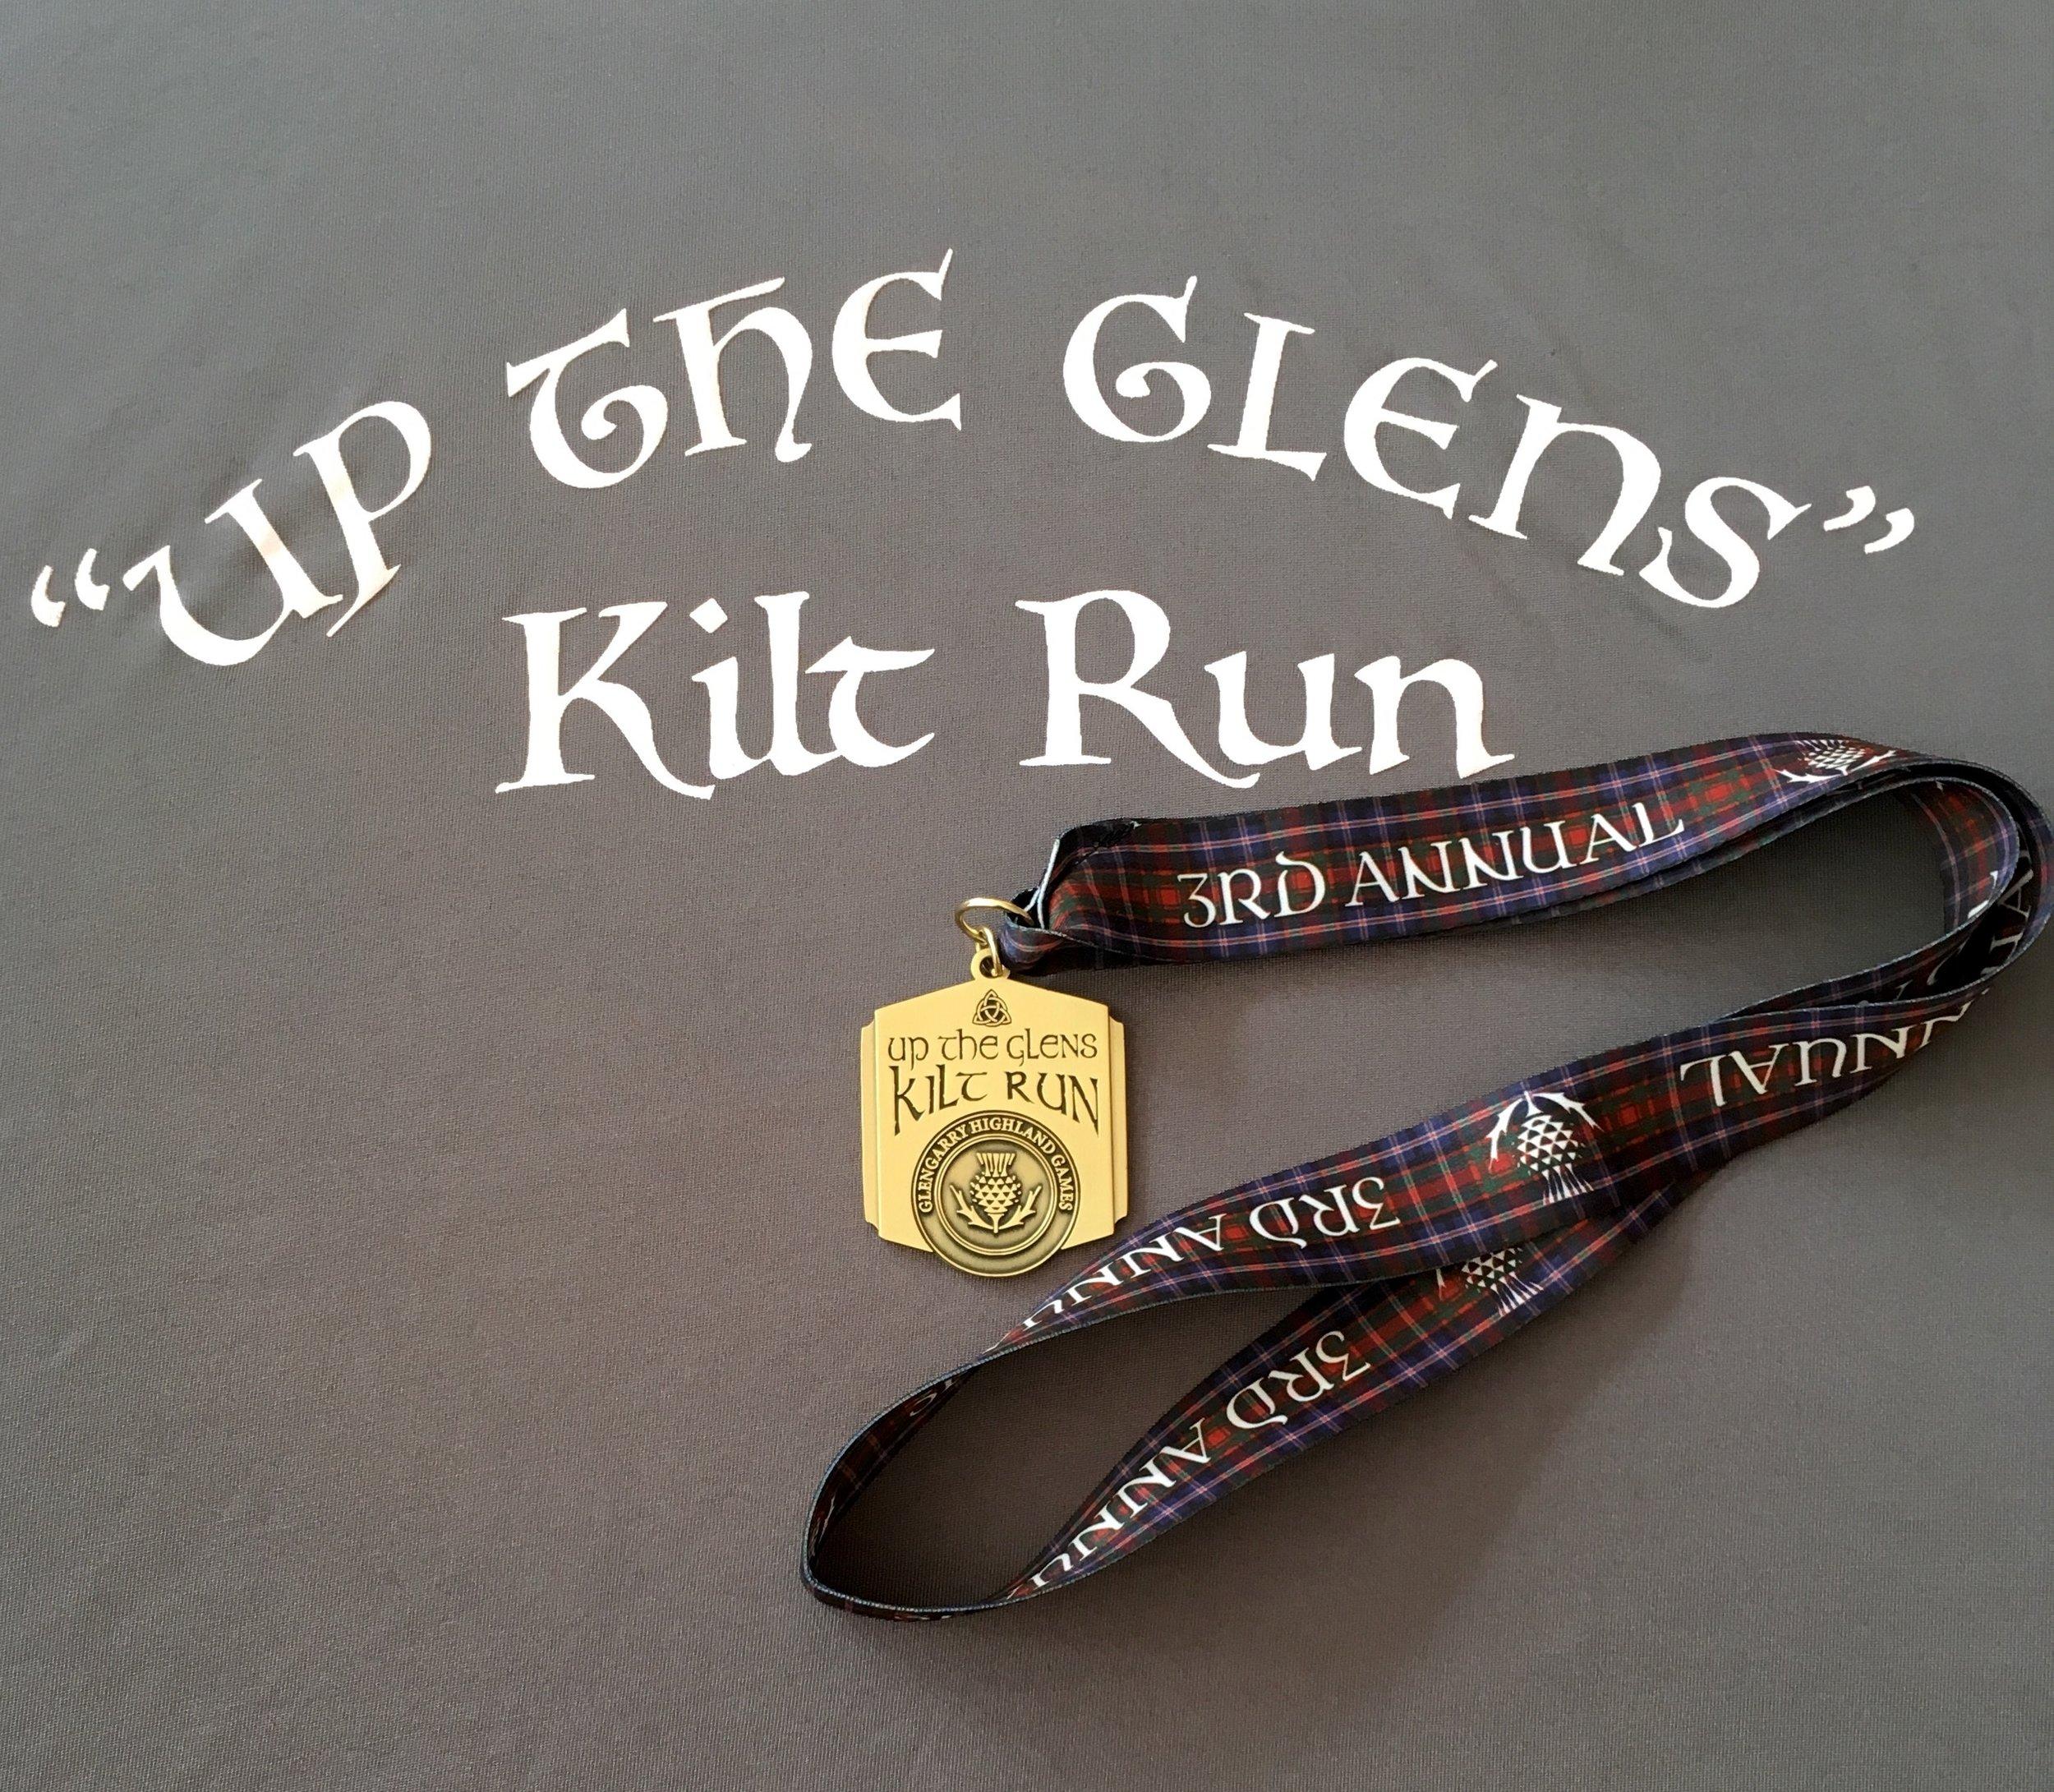 kilt run medal.jpg